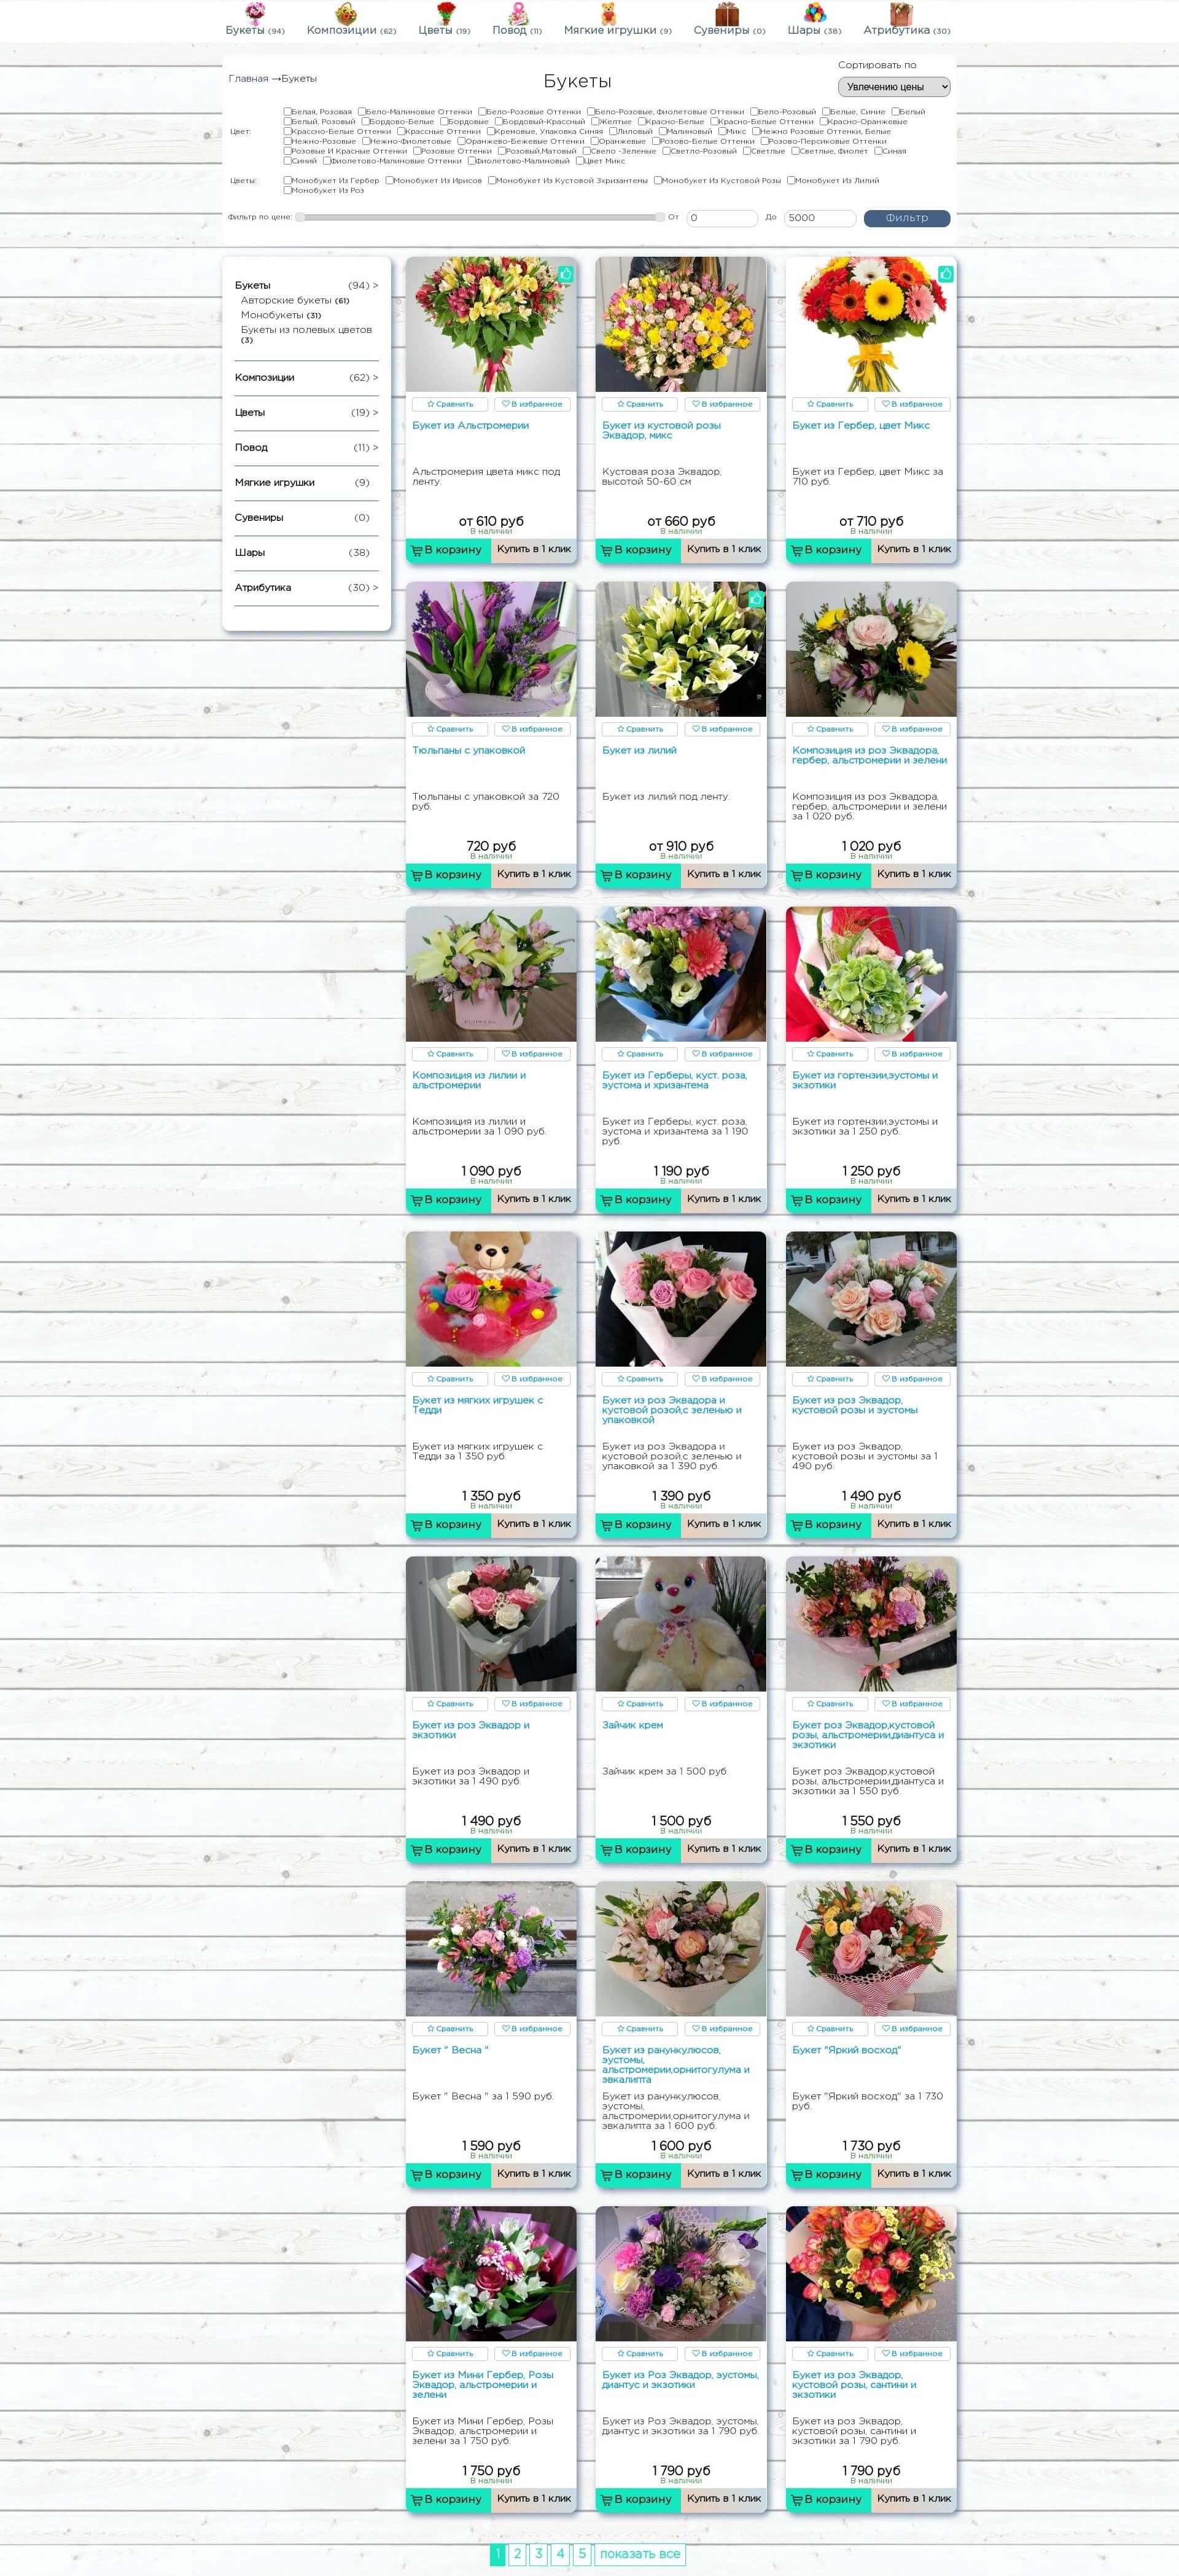 Скриншот №2 страницы сайта во весь экран. Интернет магазин для салона цветов